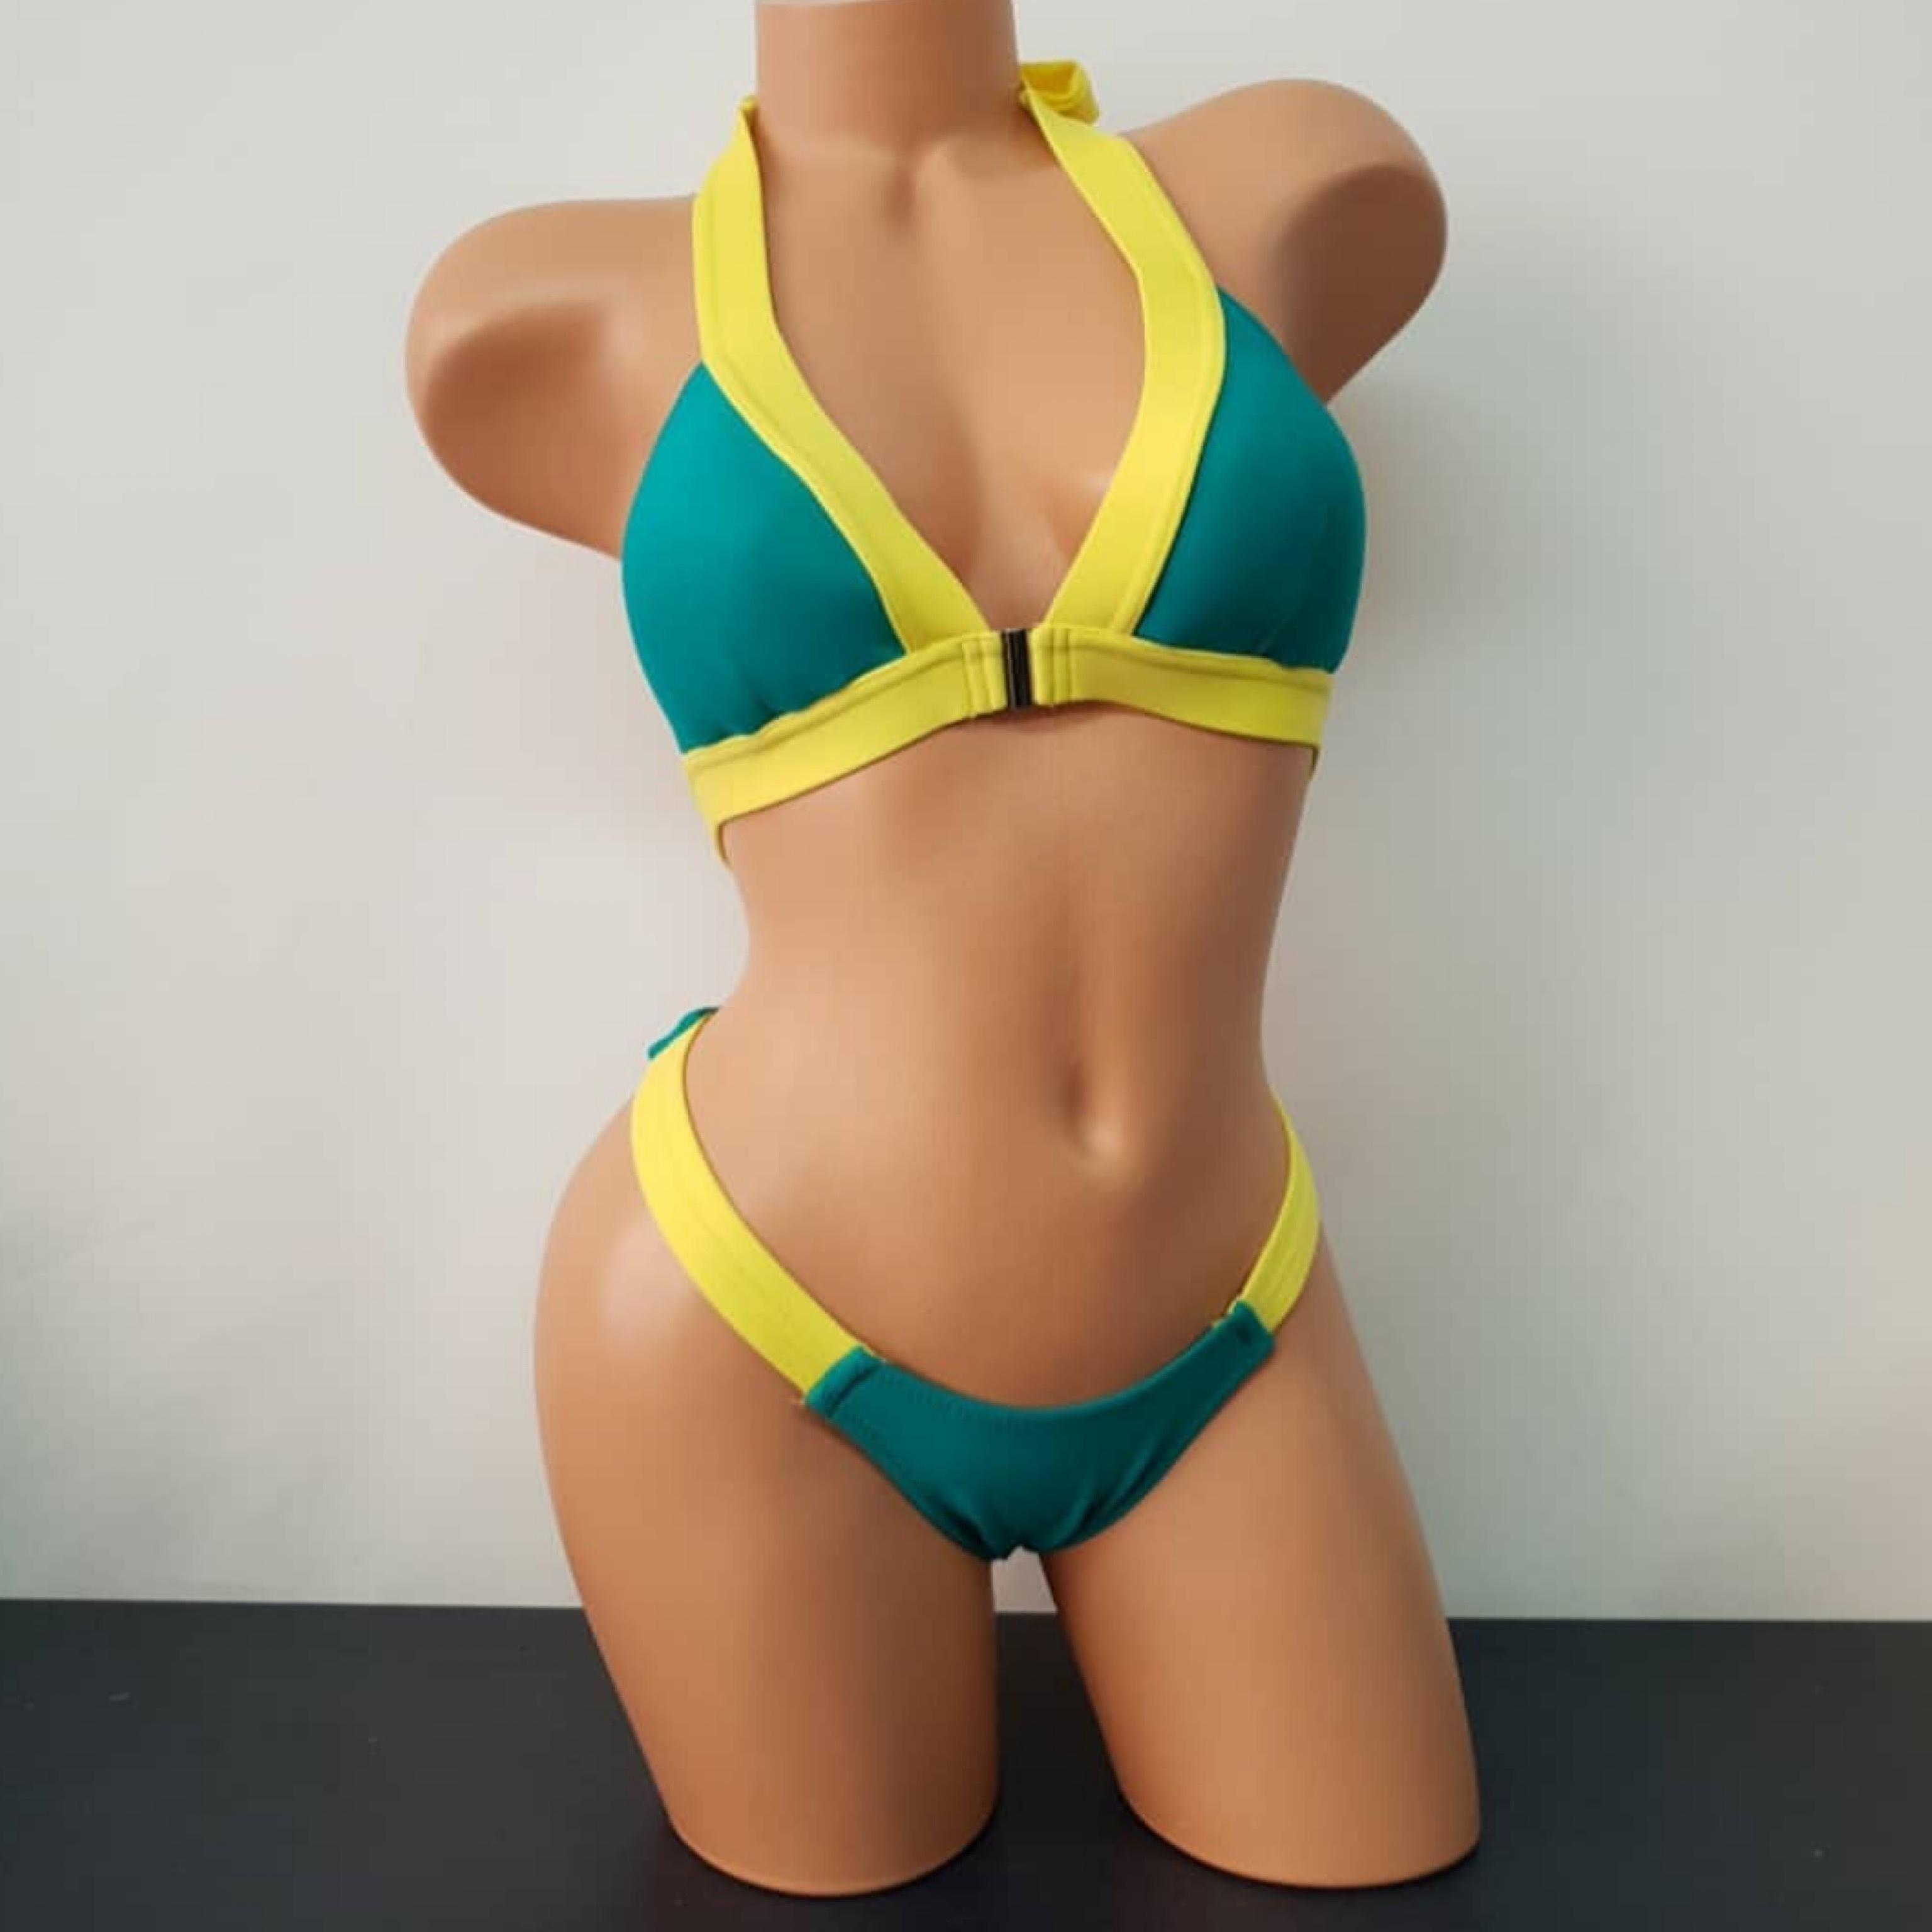 FITKINI 女子 スポーツモデル ウェア Vラインブラ